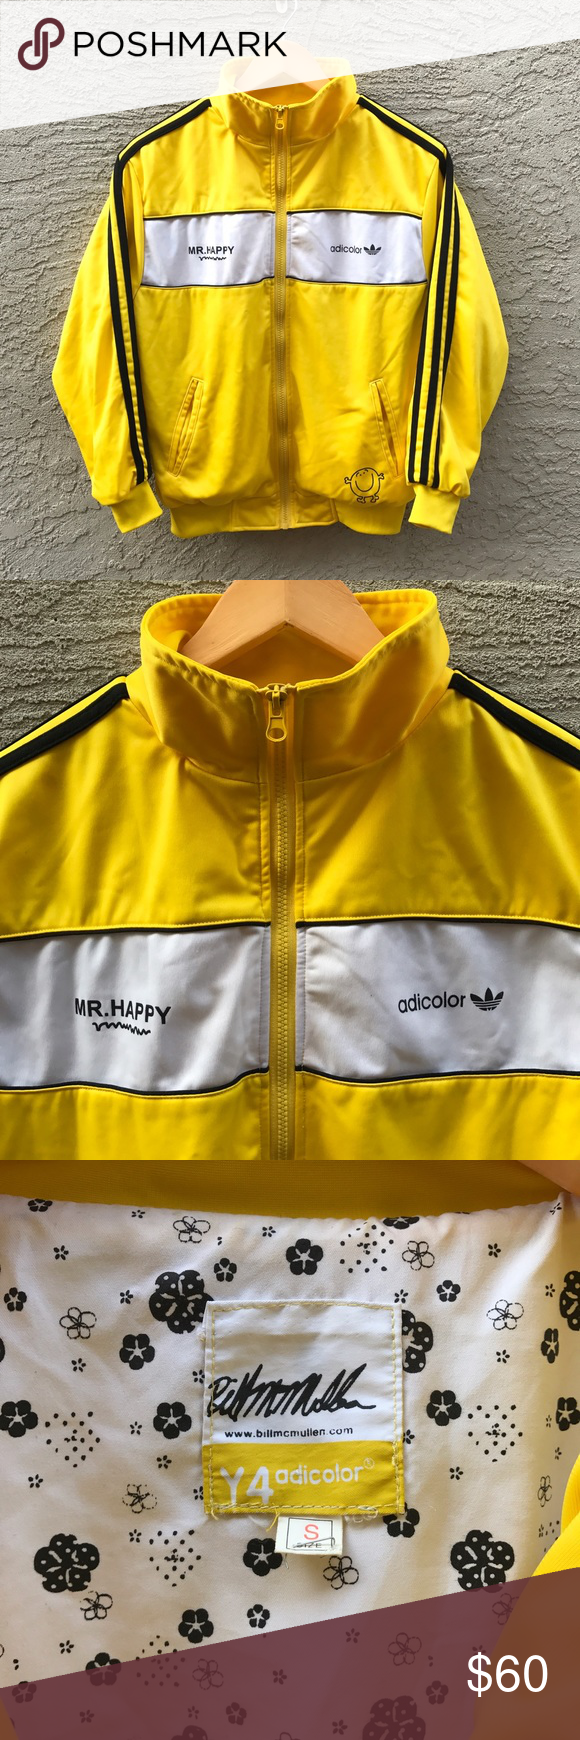 Vintage Adidas adicolor yellow jacket Great condition